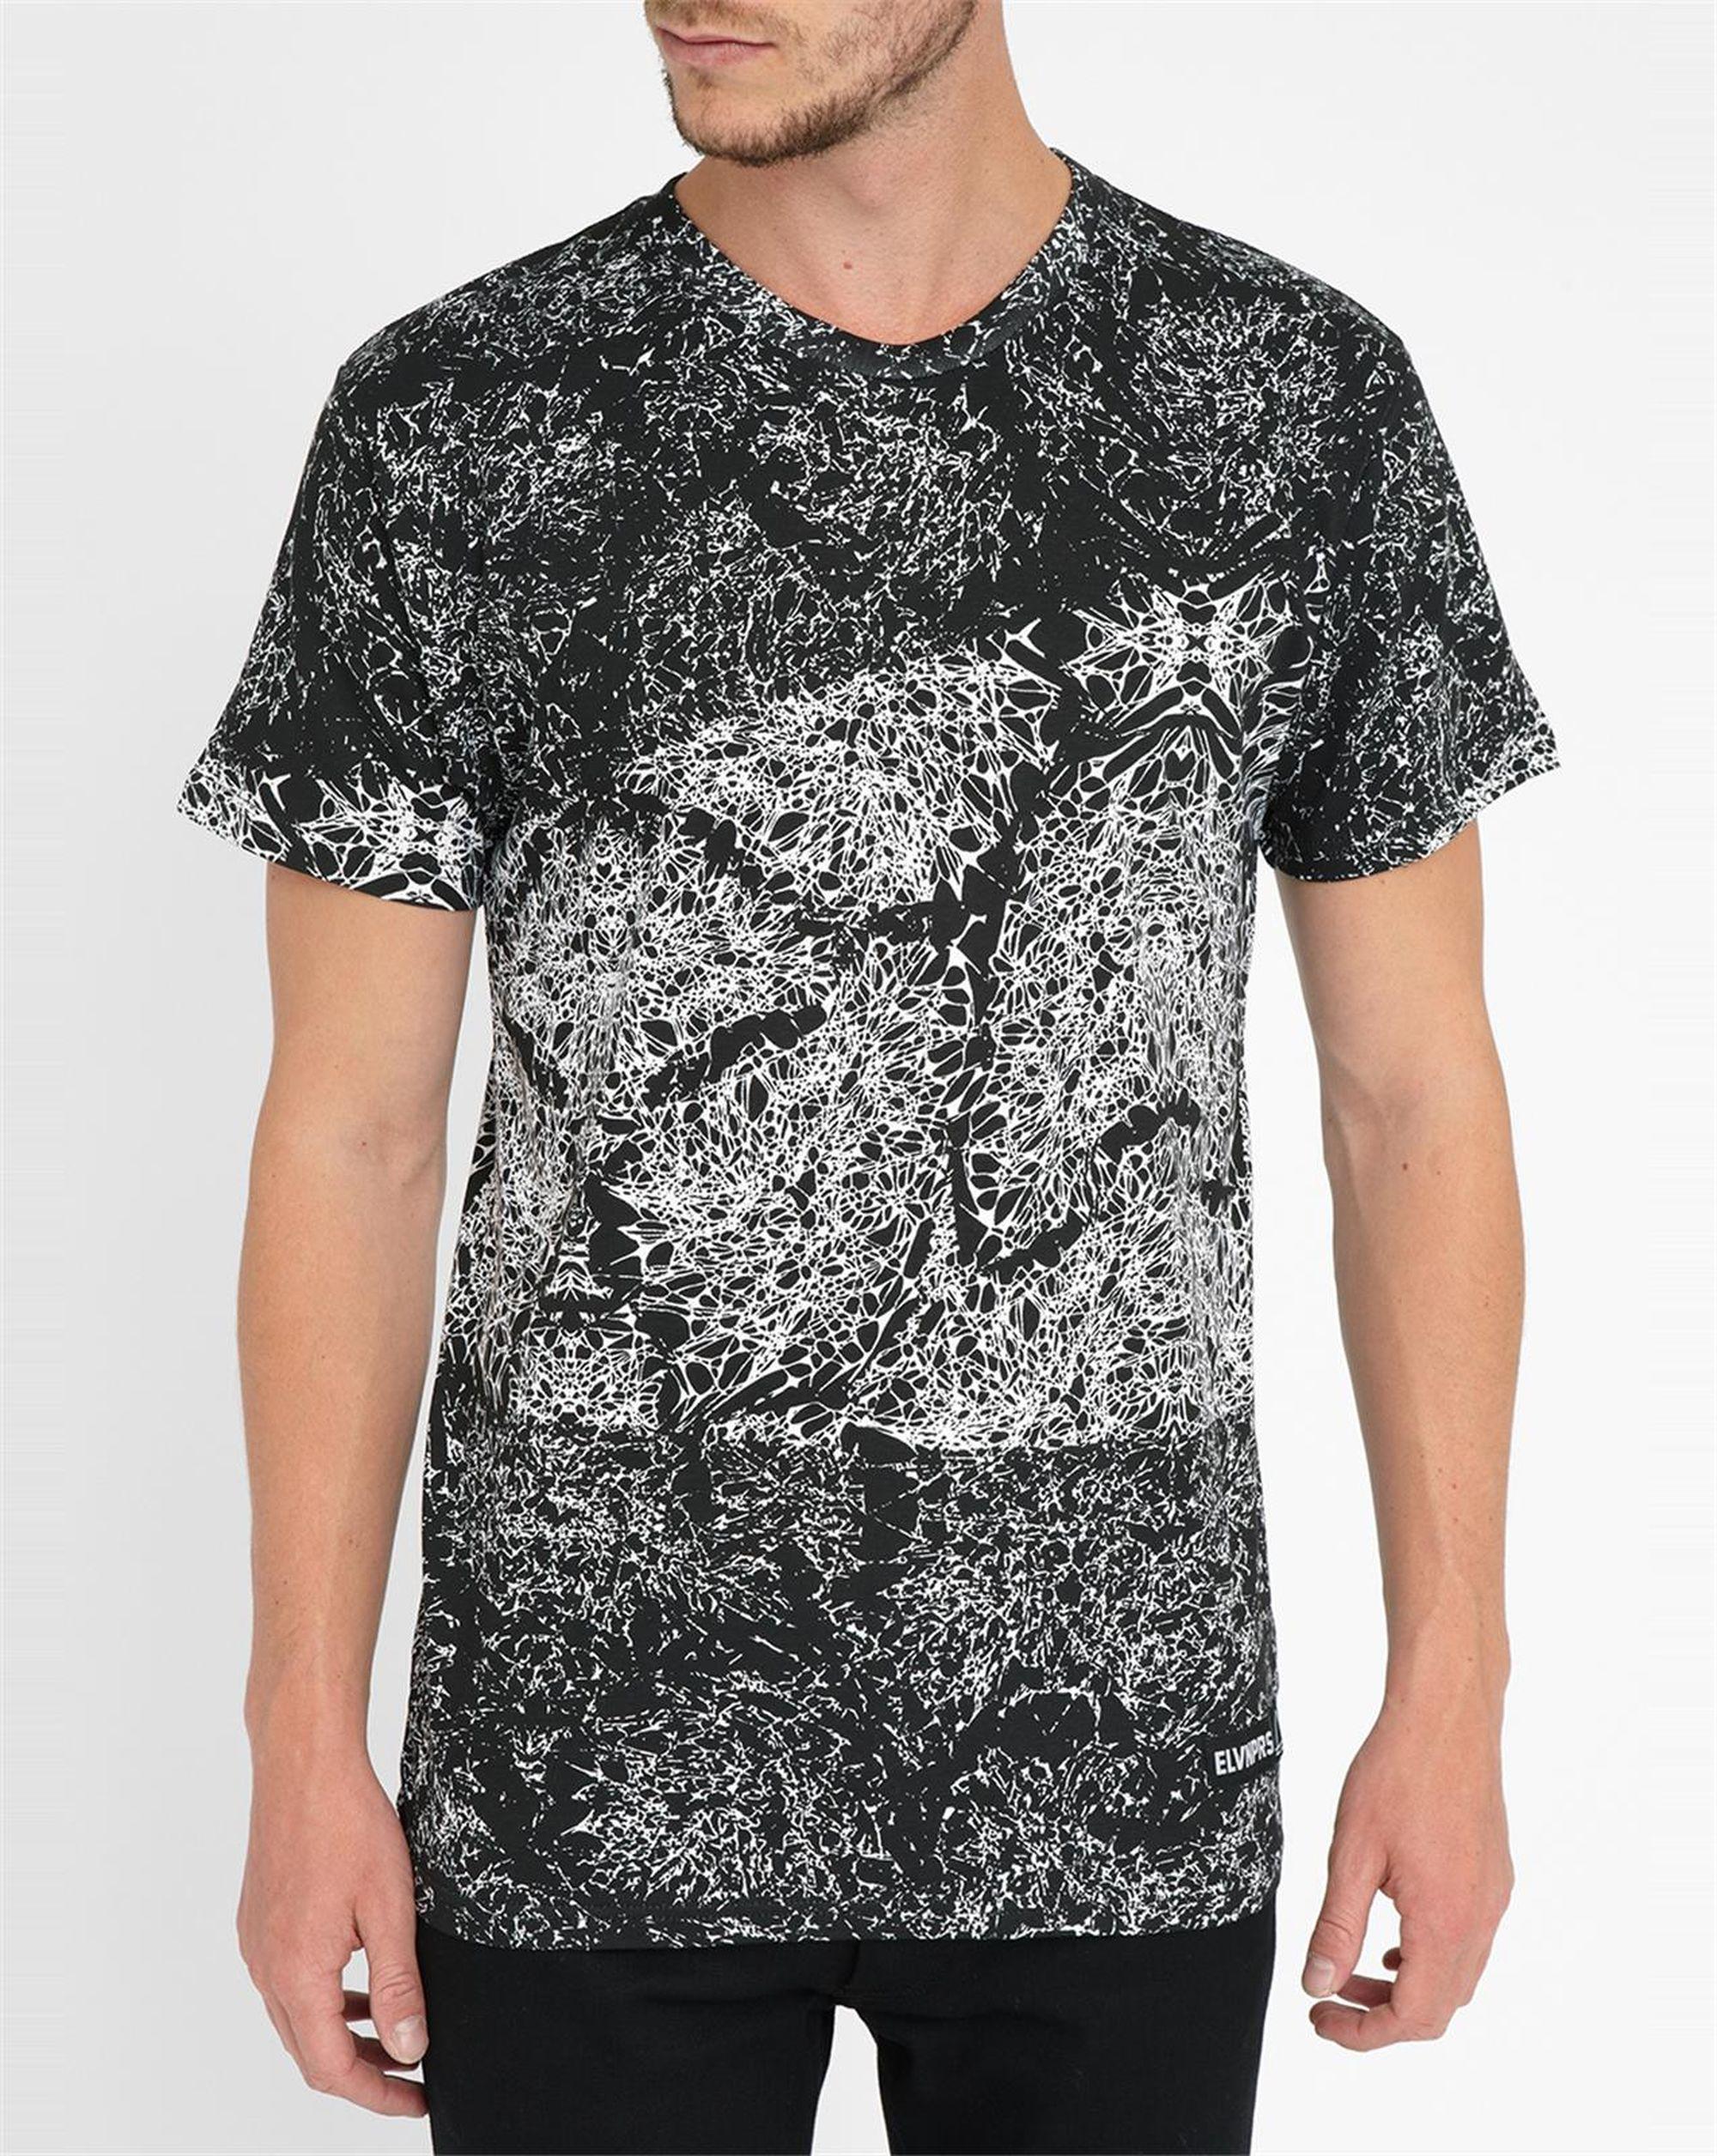 eleven paris graphic back numbers kanye t shirt in black for men lyst. Black Bedroom Furniture Sets. Home Design Ideas